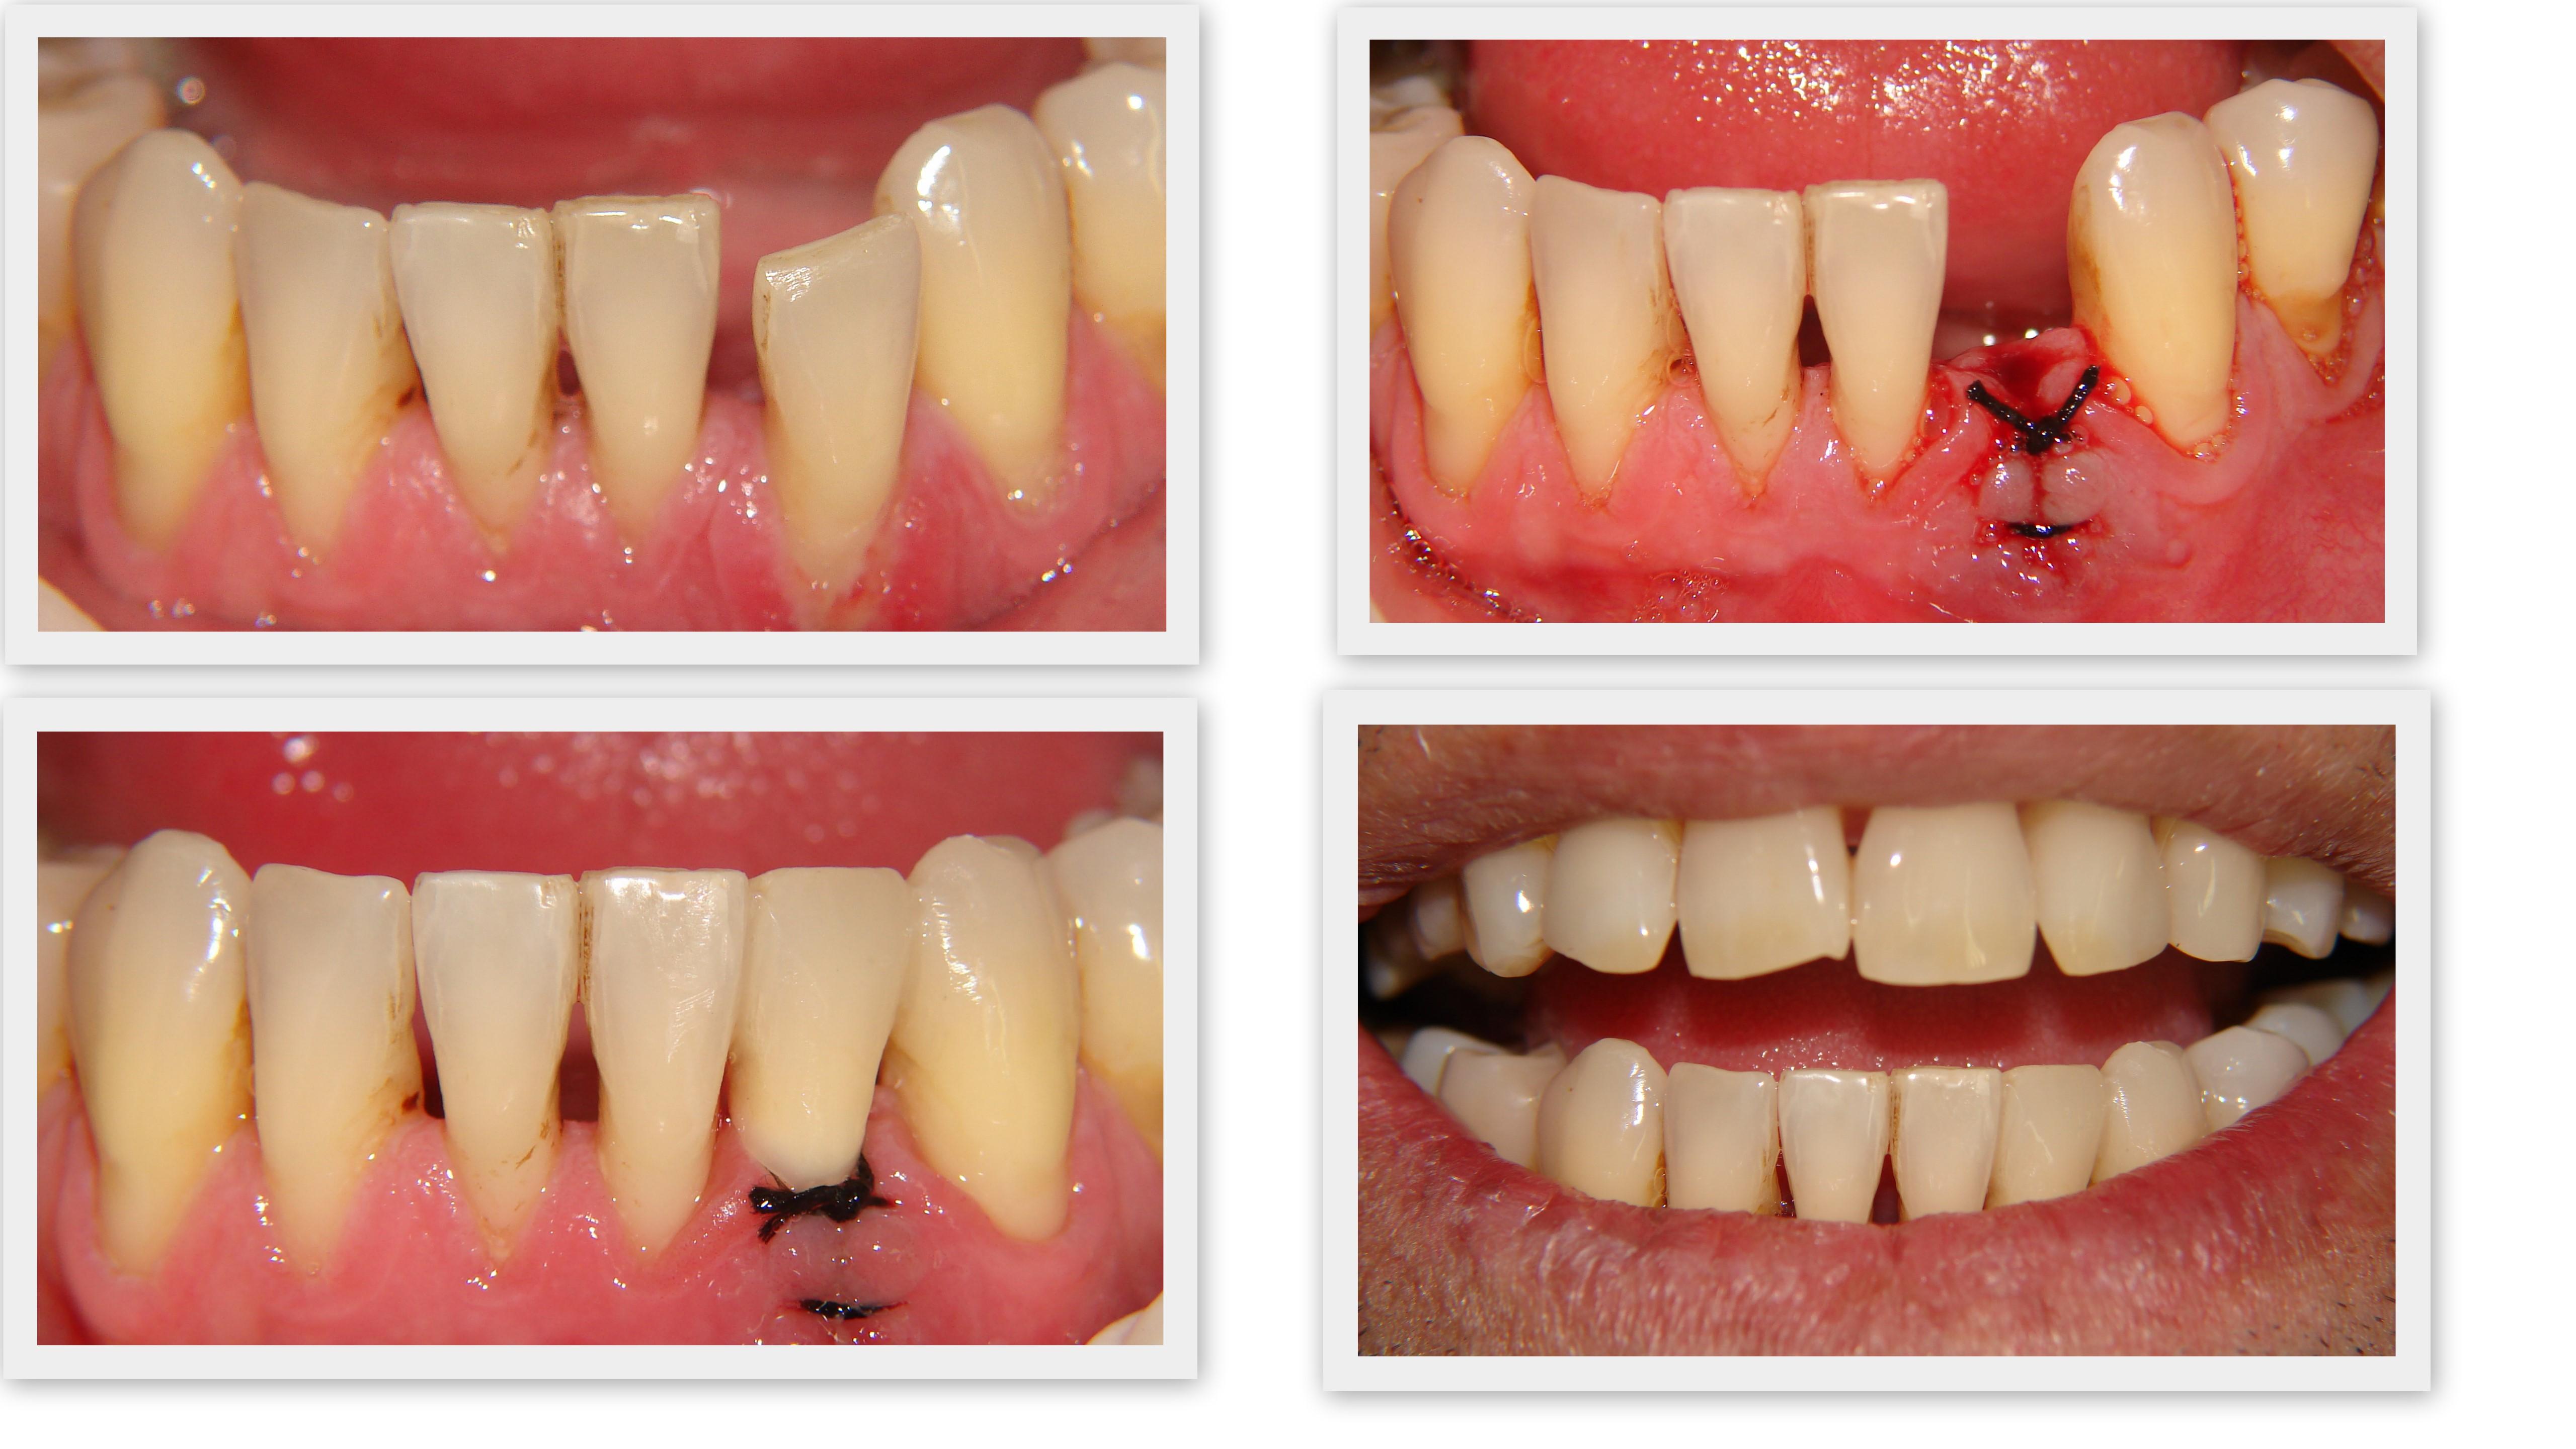 colagem de dente